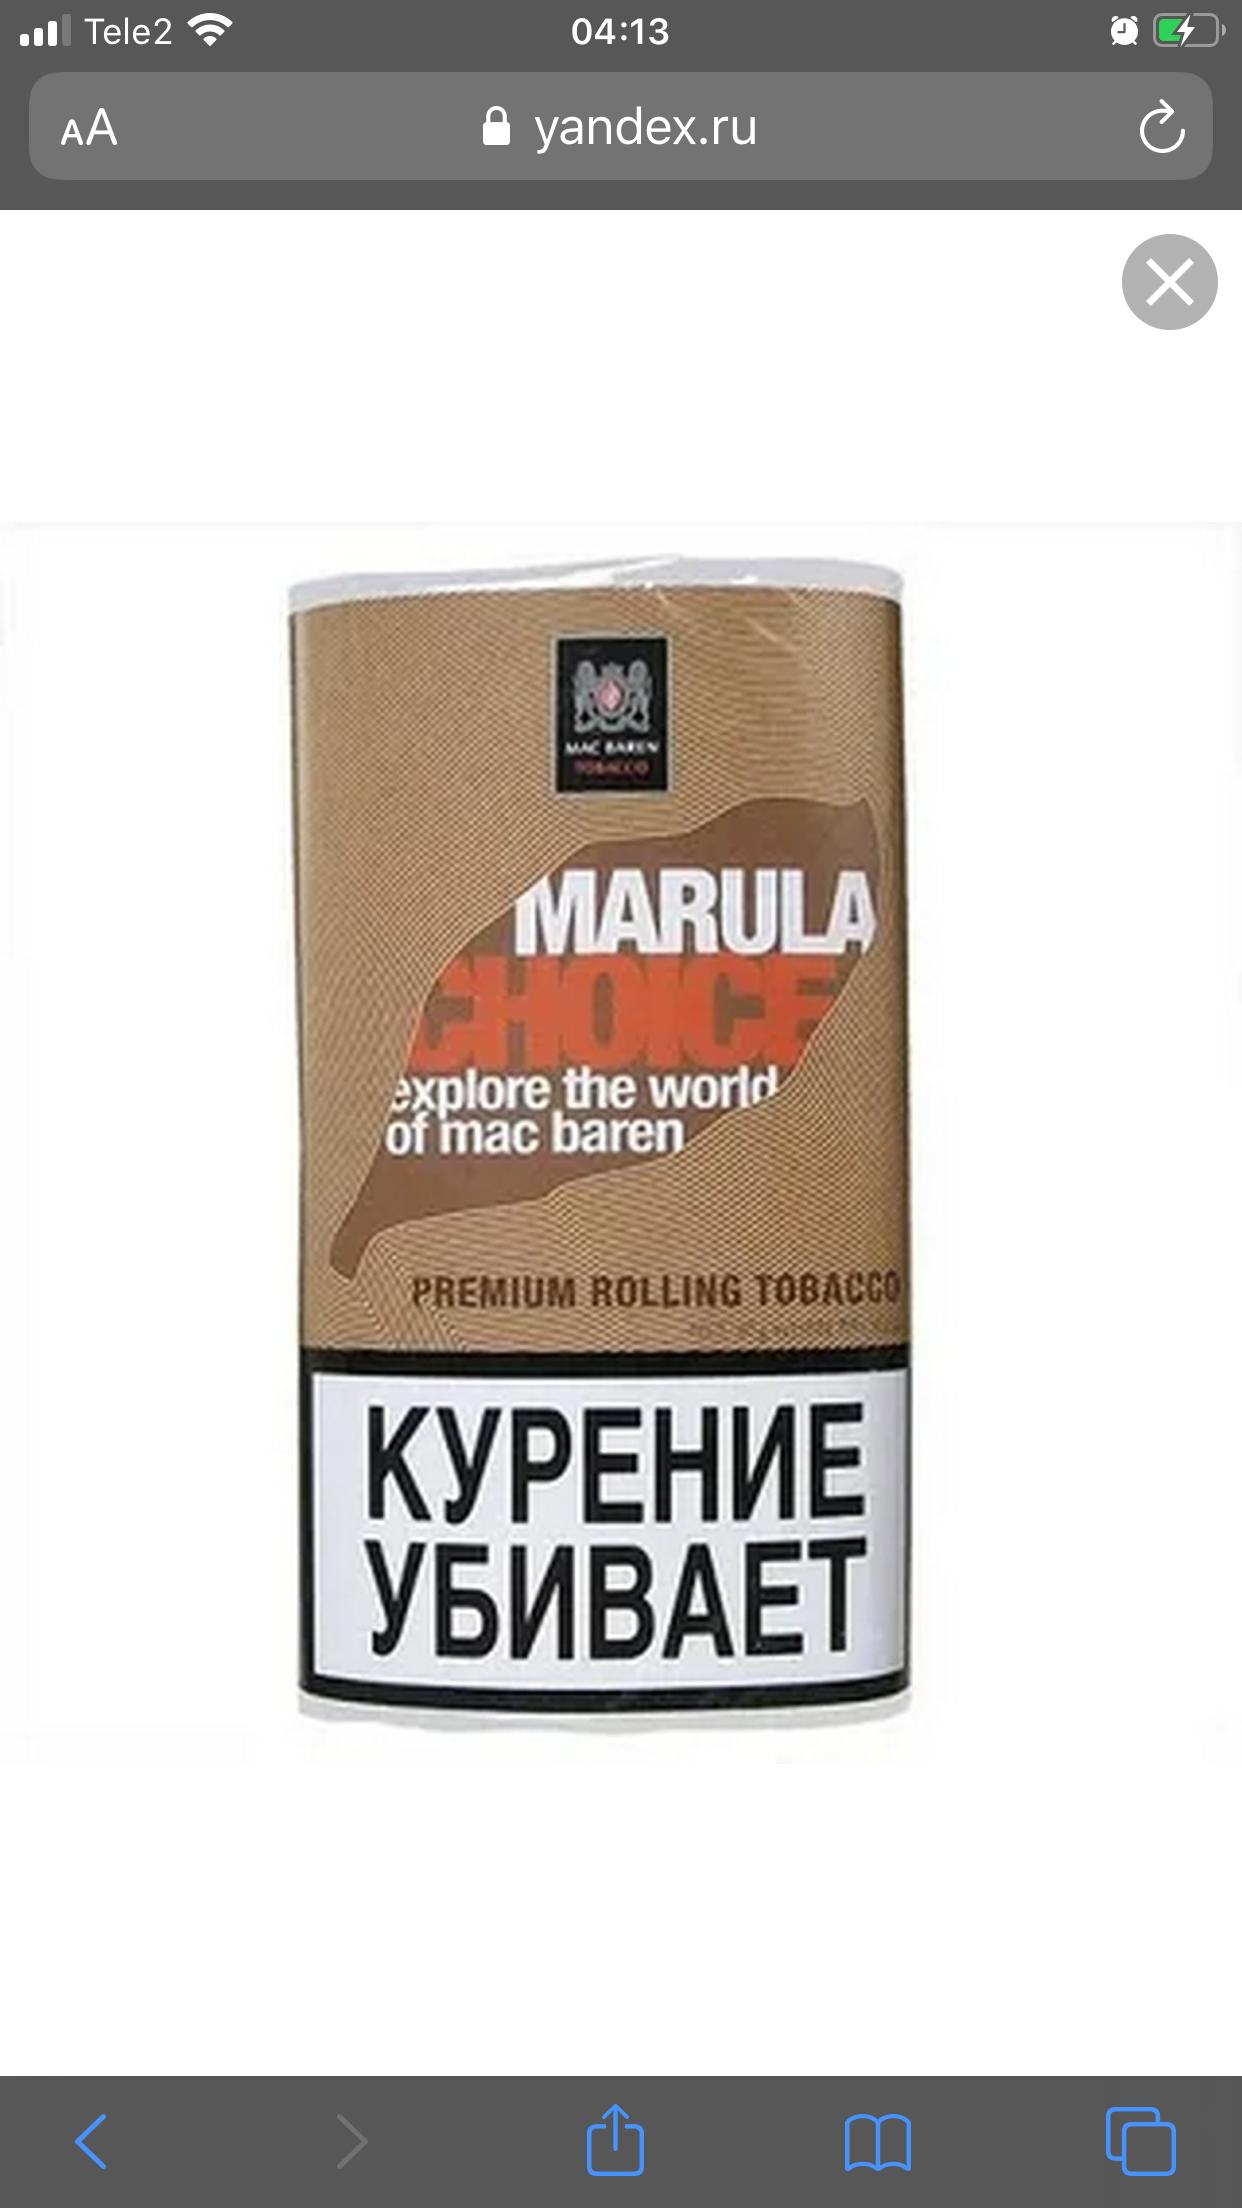 Сдать табак оптом цена iqos сигареты где купить